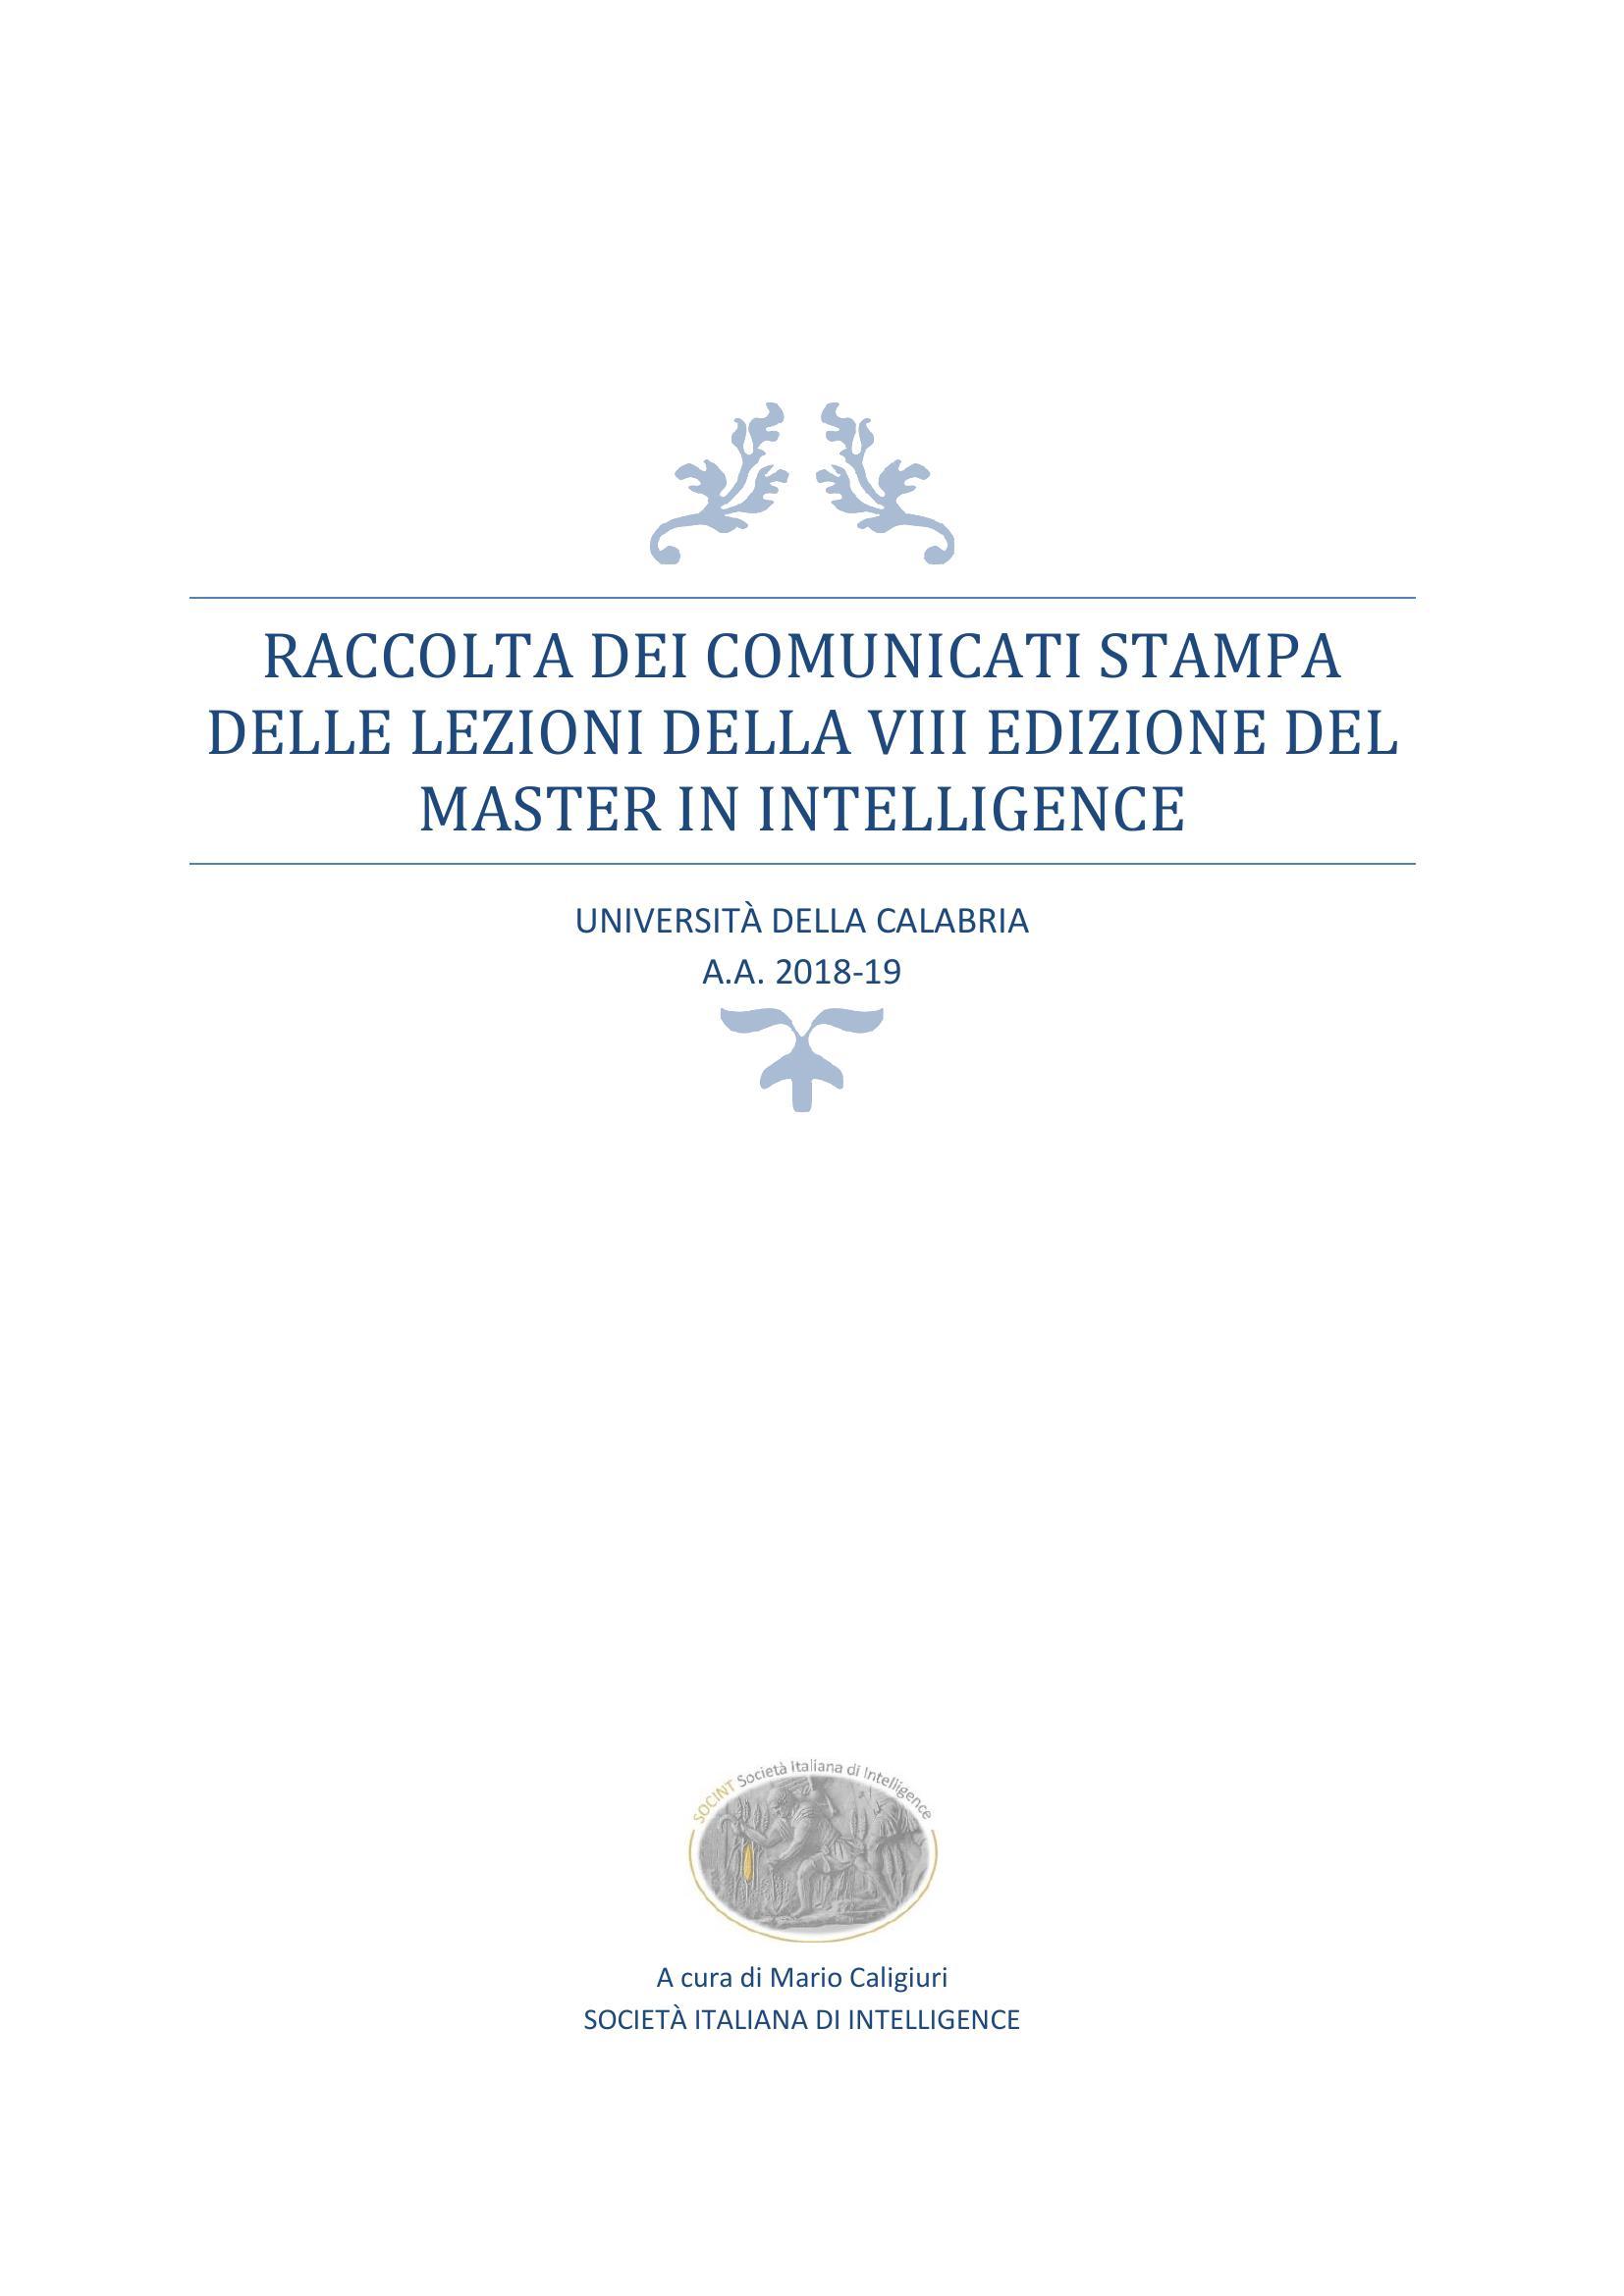 Master in Intelligence UNICAL, pubblicata raccolta dei comunicati stampa